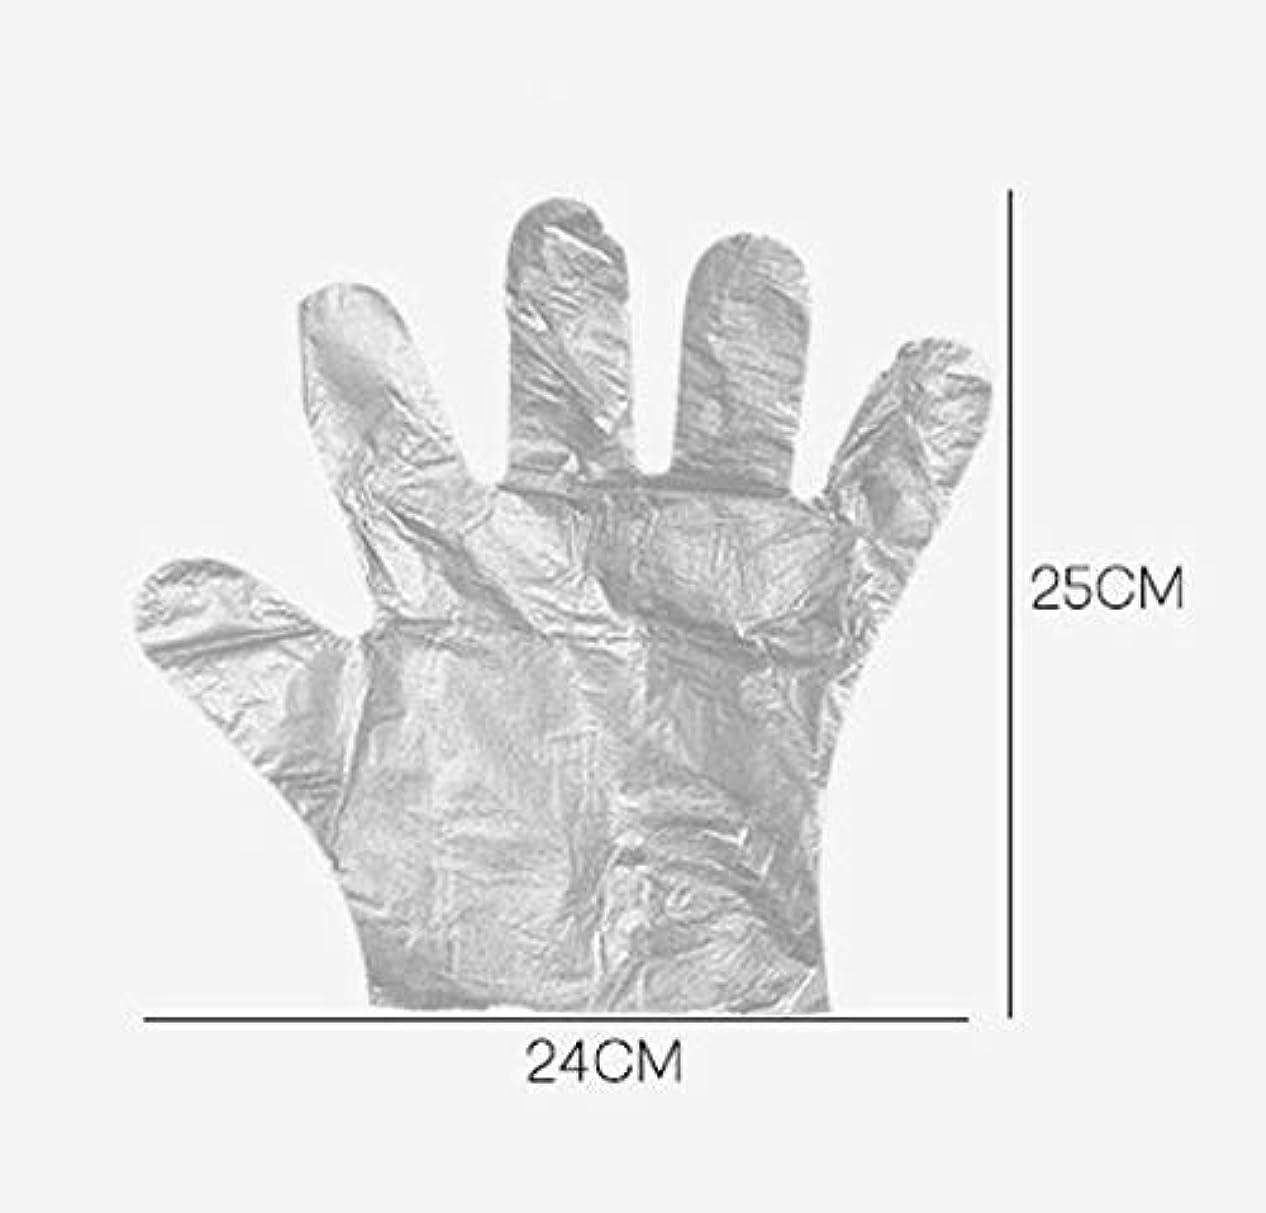 ラダ鮮やかな男やもめHJ 使い捨て手袋 ポリエチレン使い切り手袋 極薄い ポリ手袋 使い切り手袋 透明手袋 耐油 防水 介護 トイレ掃除 左右兼用 手荒れを防ぎ 素手 薄いタイプ (200ペアセット)